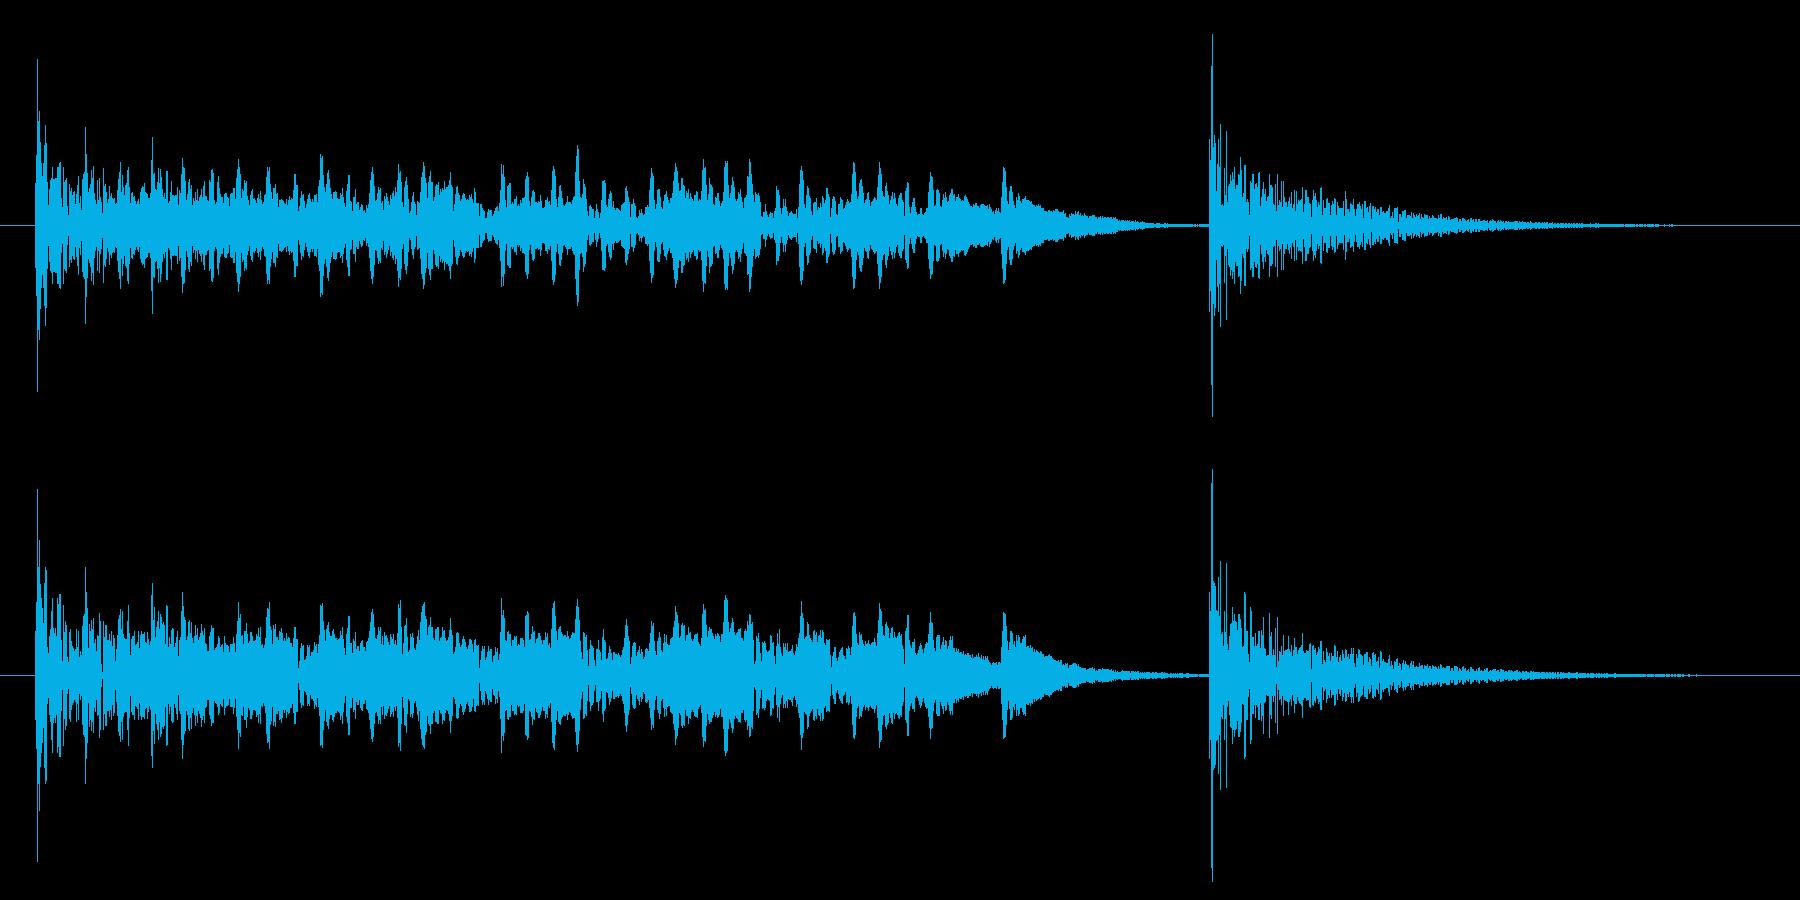 発表ドラムロール【ドンドンドン・・ドン】の再生済みの波形